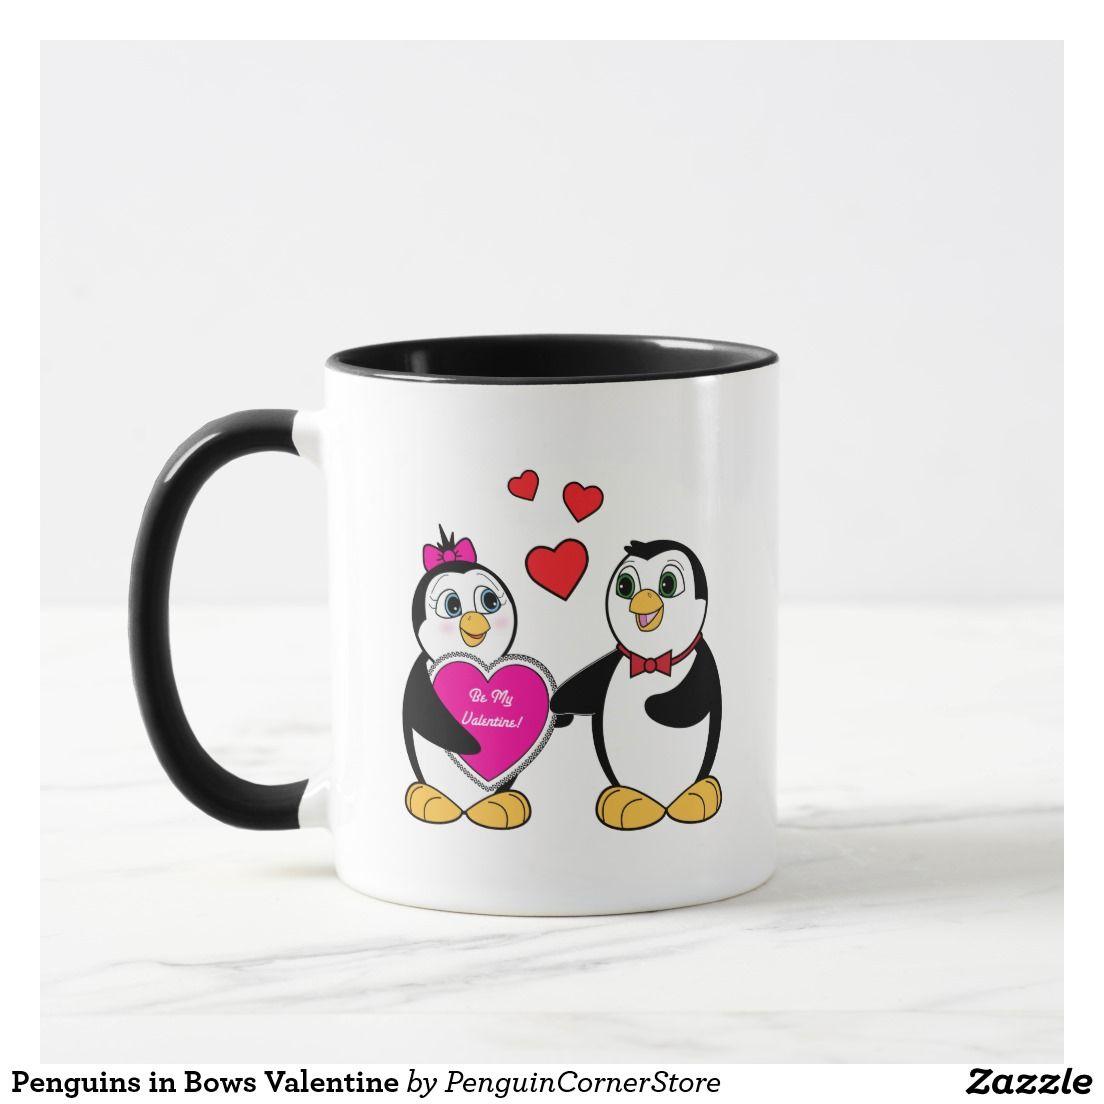 Penguins in Bows Valentine Mug